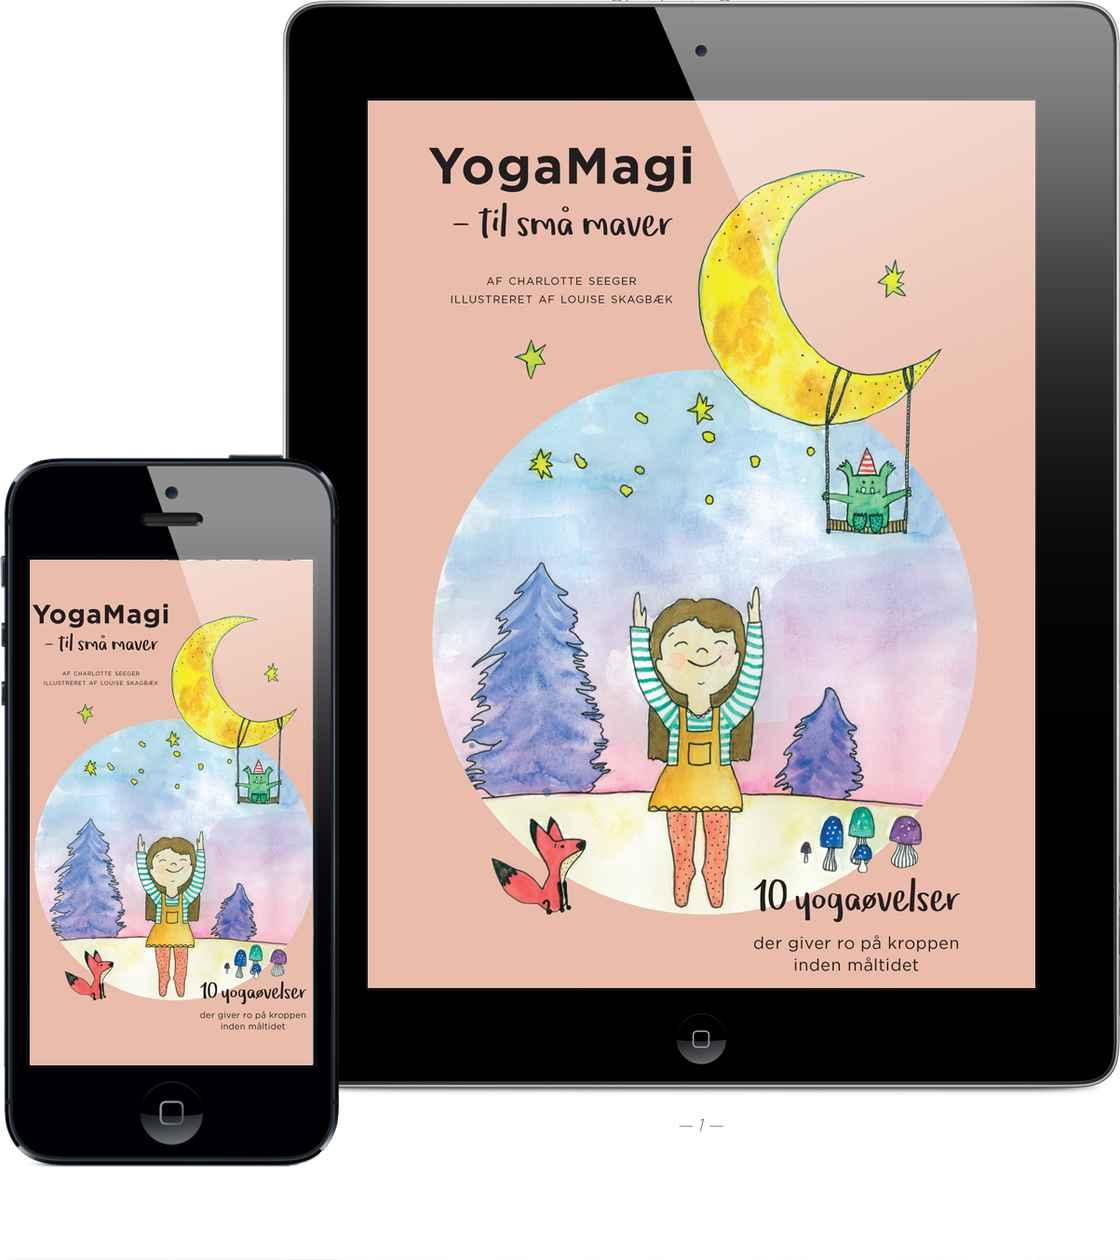 Yoga ipd stor.jpg